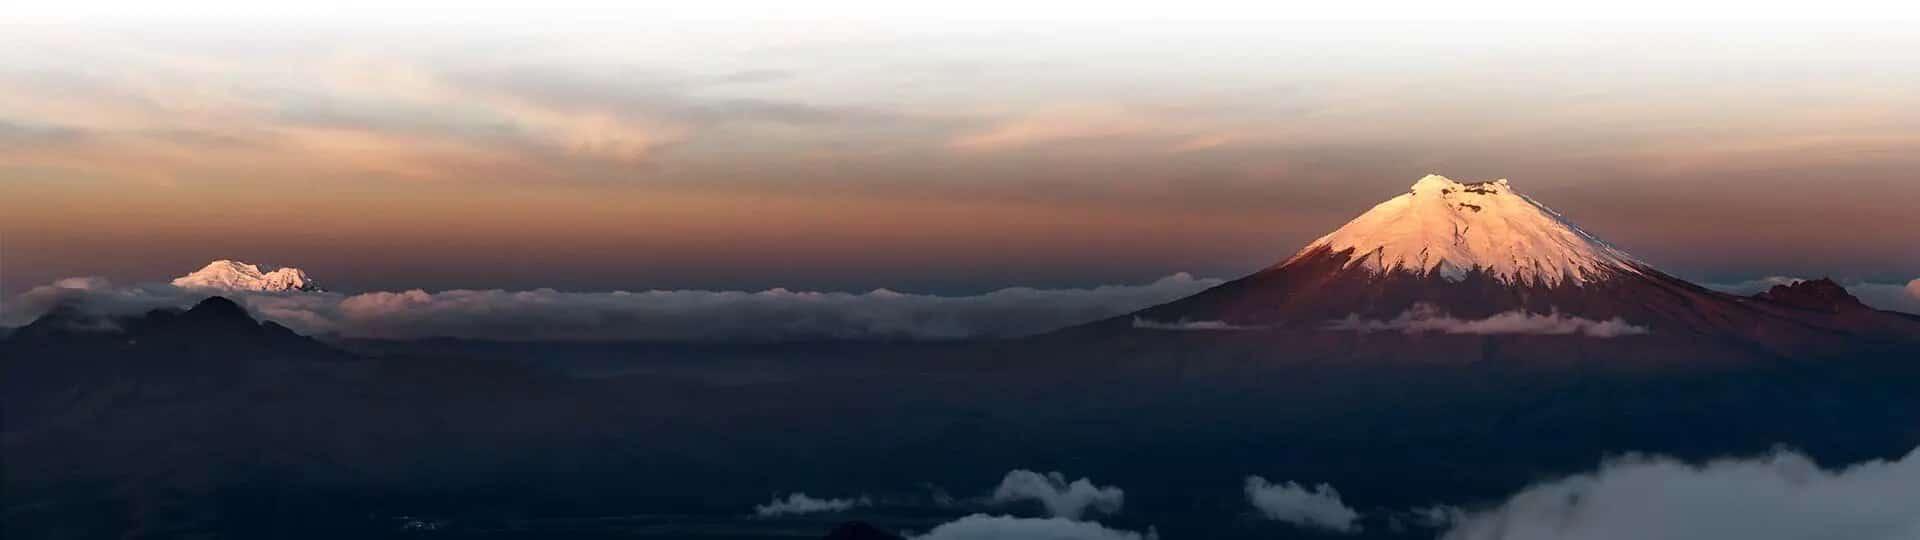 cotopaxi volcano ecuador above the clouds